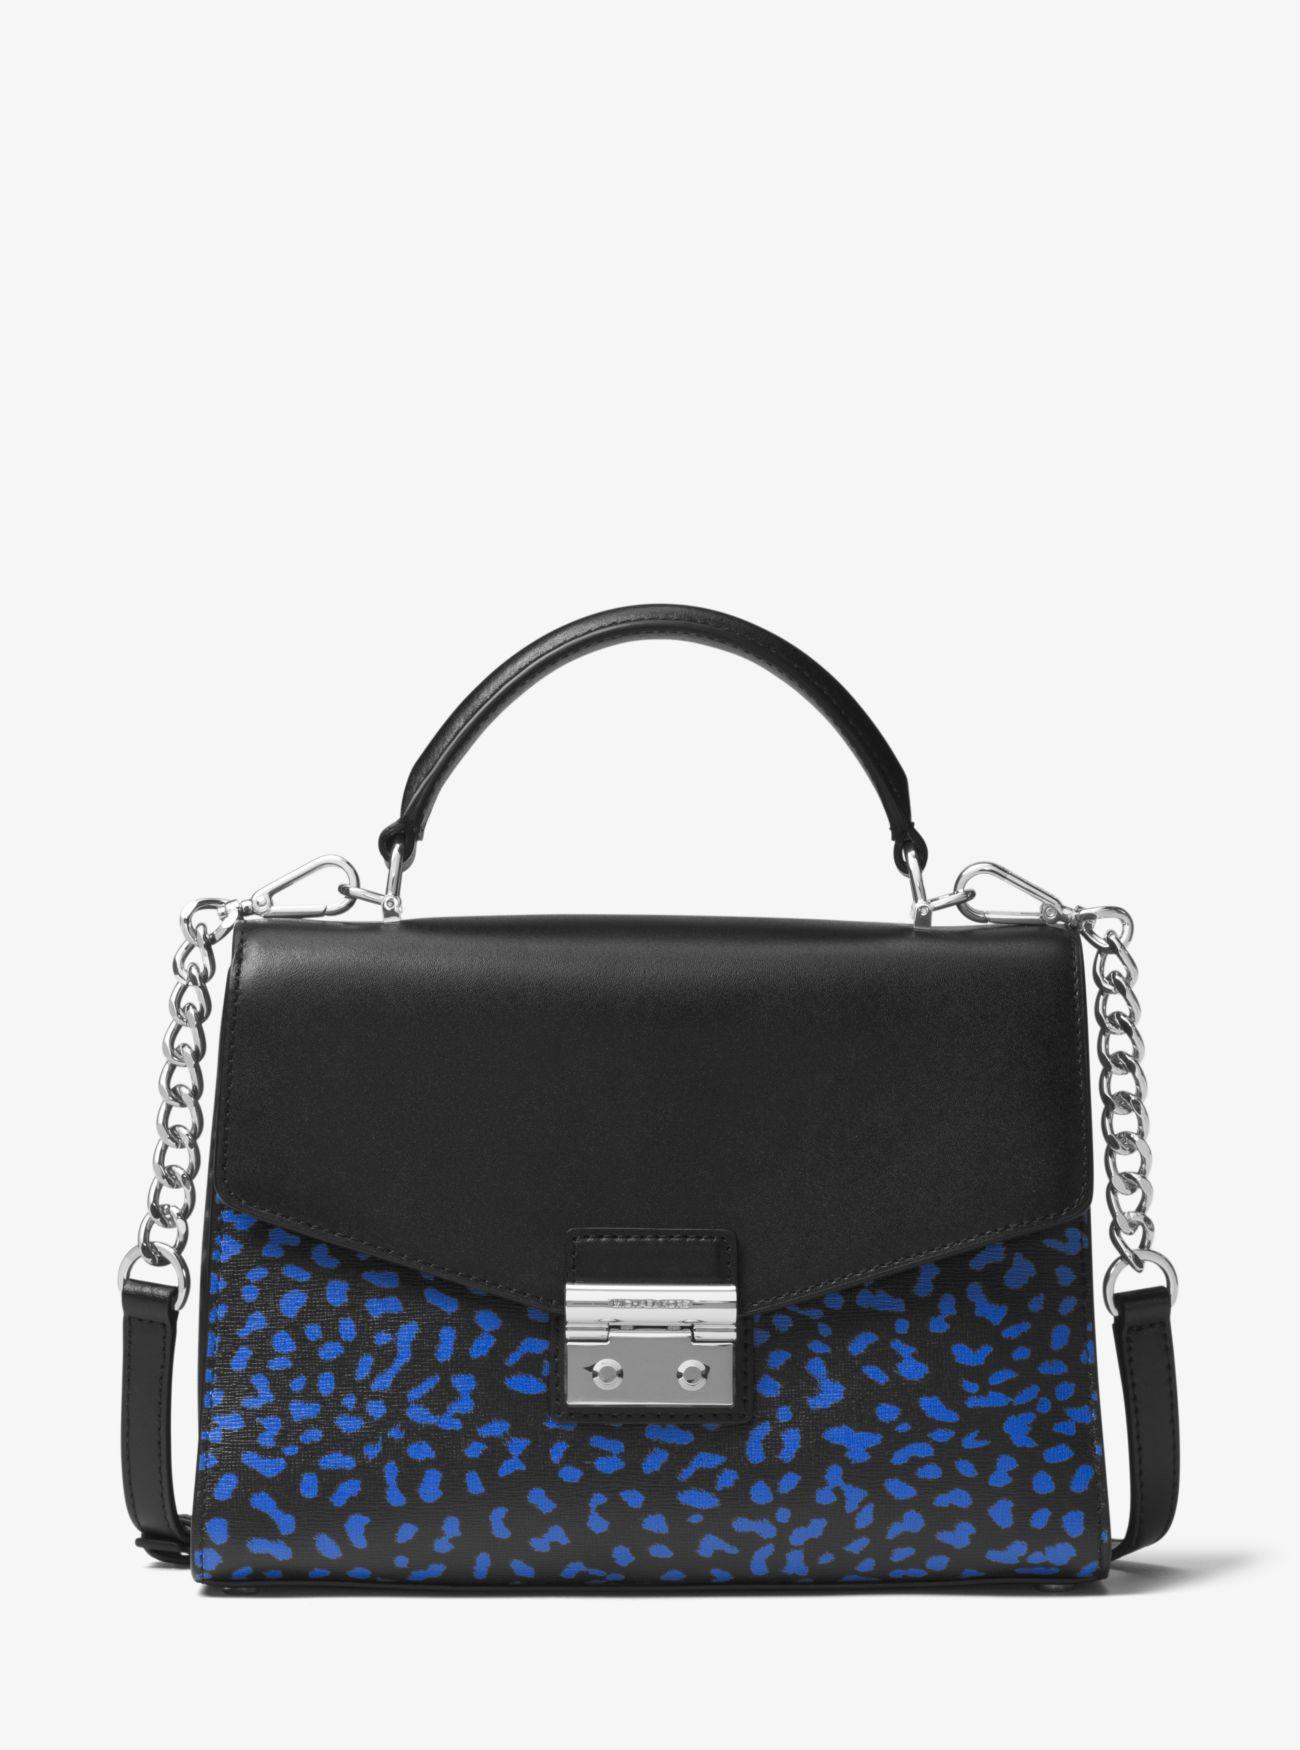 78489bf91689 ... Michael kors Sloan Leopard Leather Satchel in Black Lyst ...